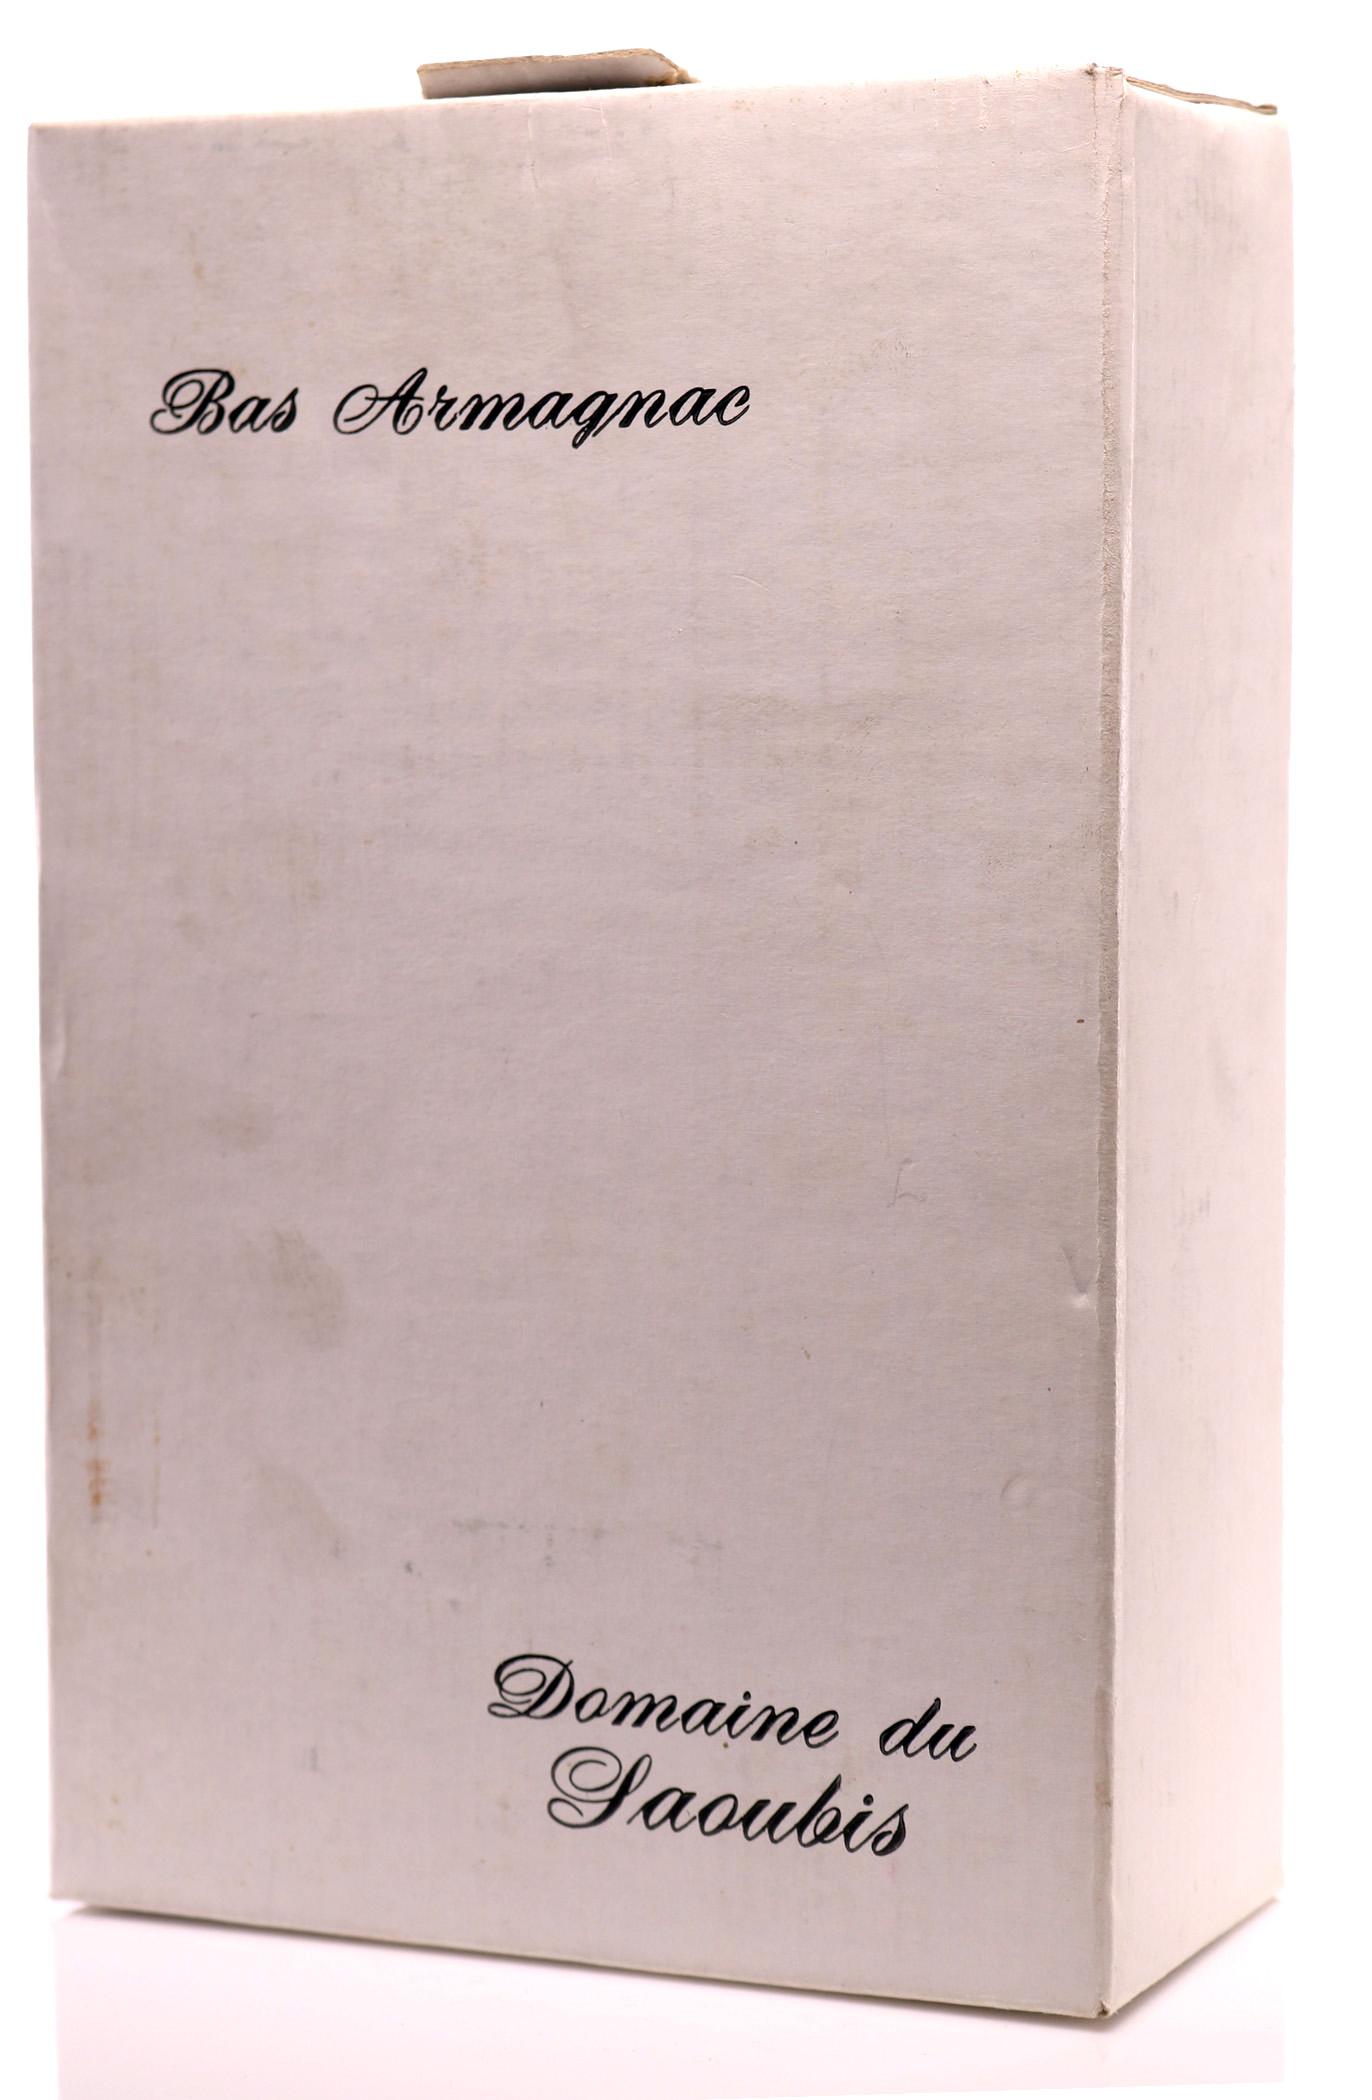 Armagnac 1961 Domaine de Saoubis